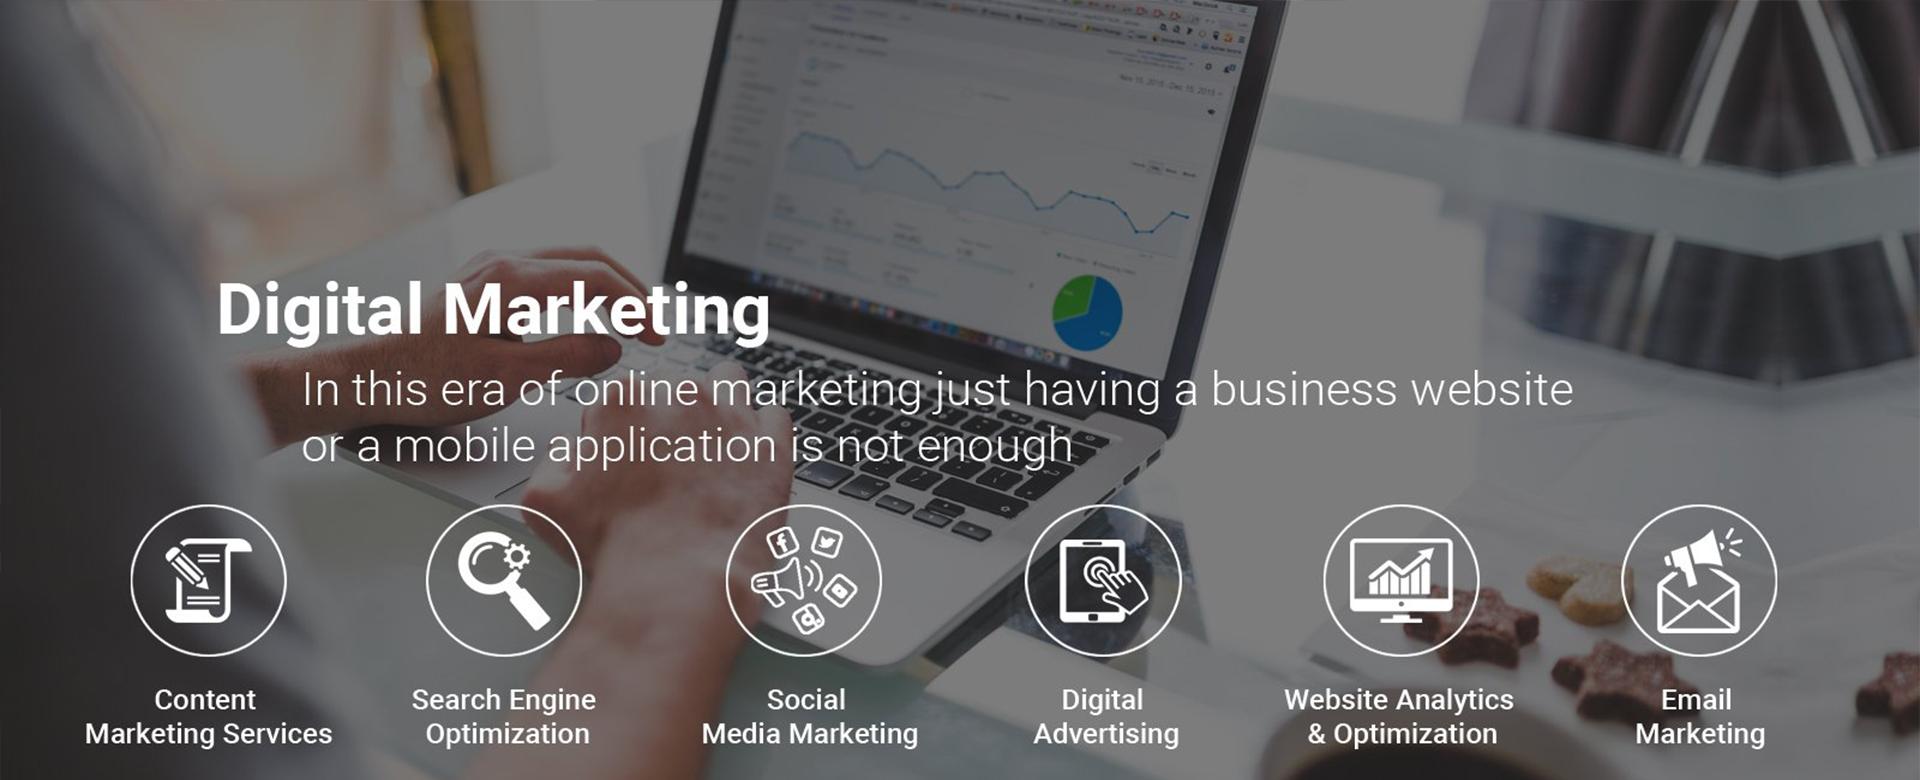 Digital Marketing Company in UAE | Digital Marketing Company